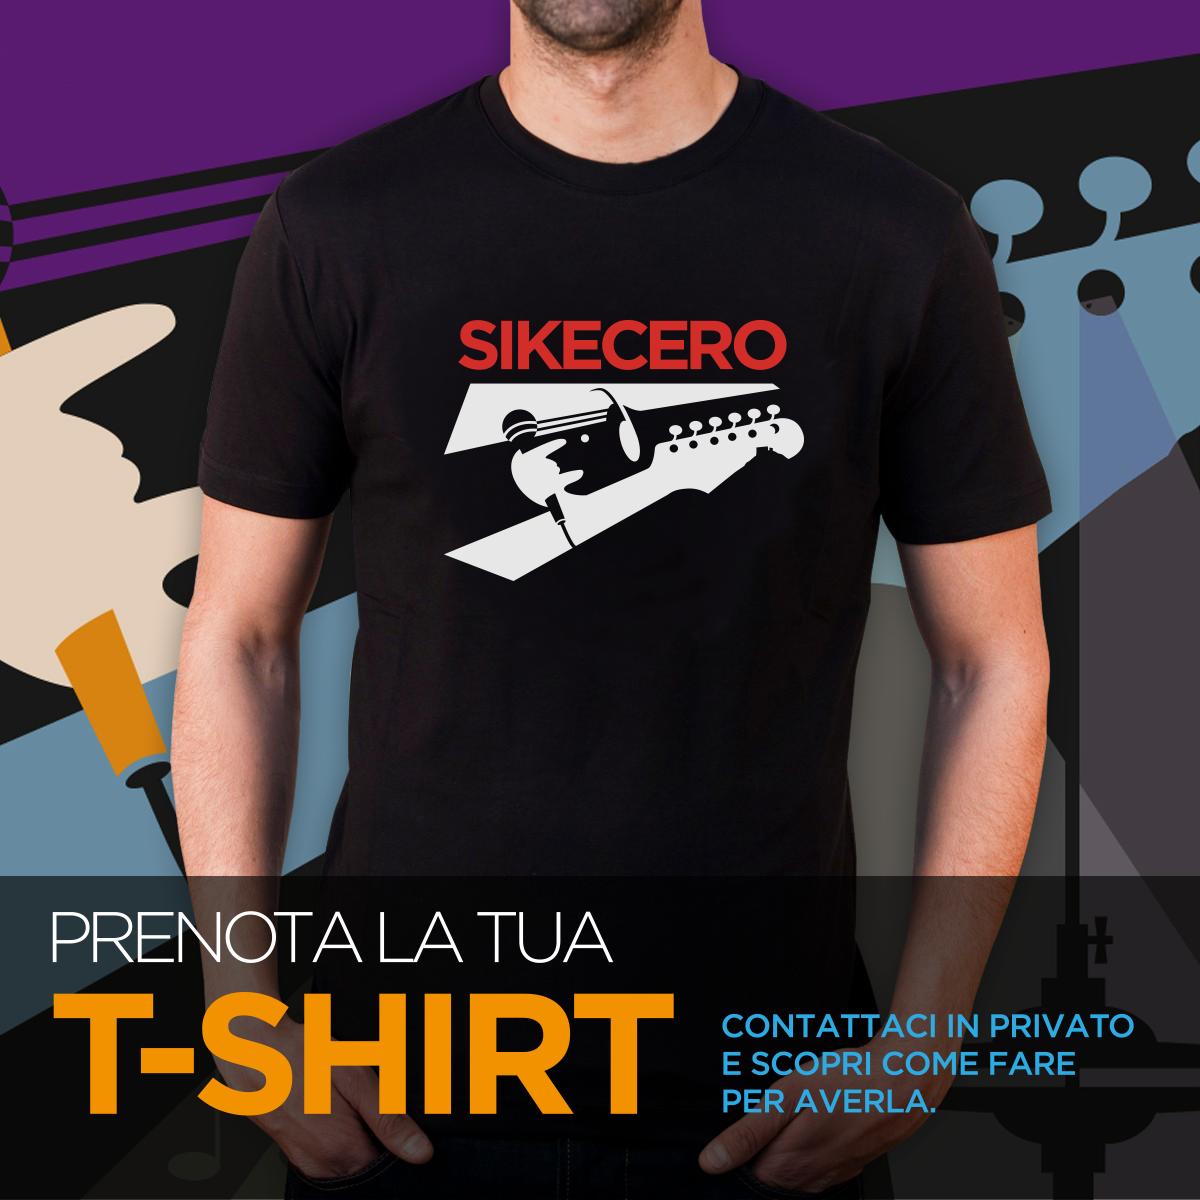 Sikecero_Tshirt